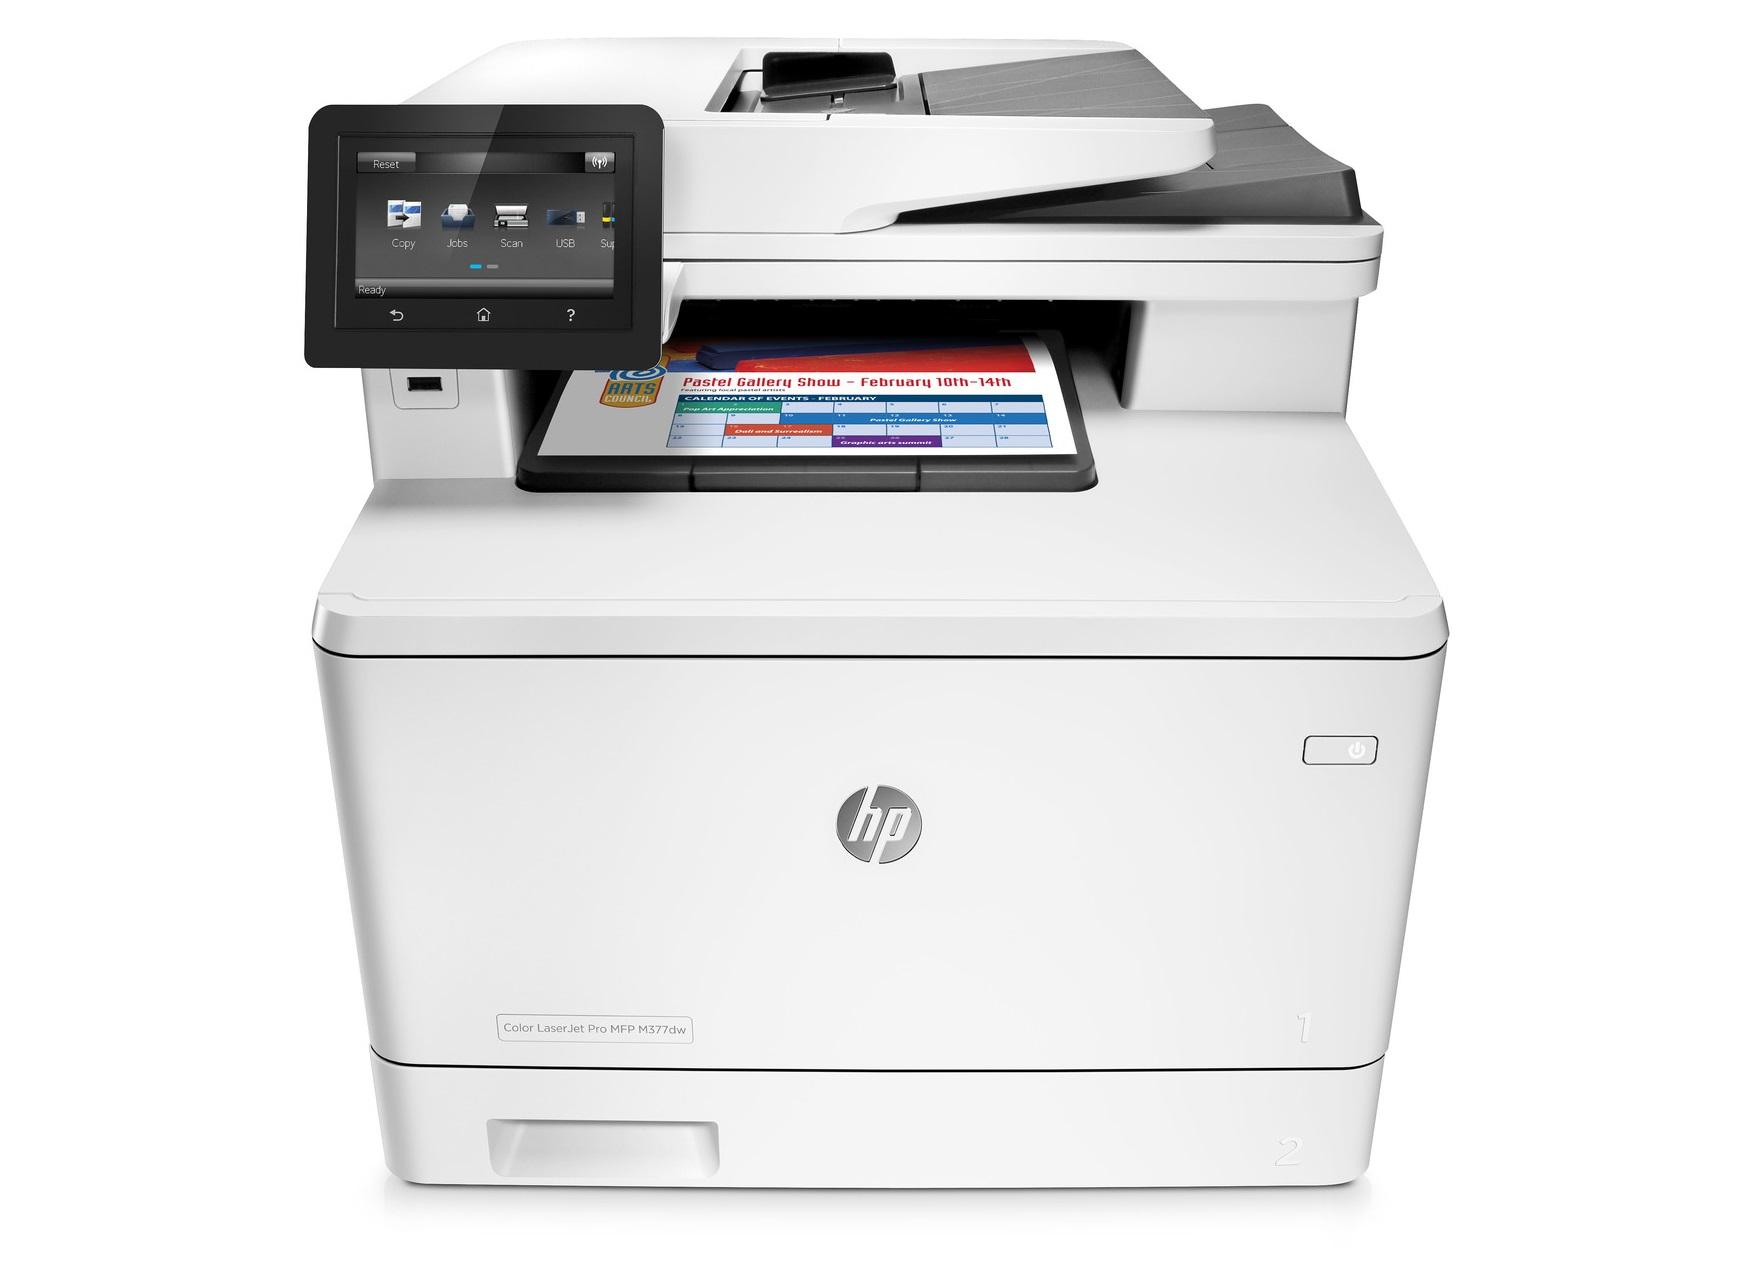 Drucker HP Color LaserJet Pro MFP M377dw